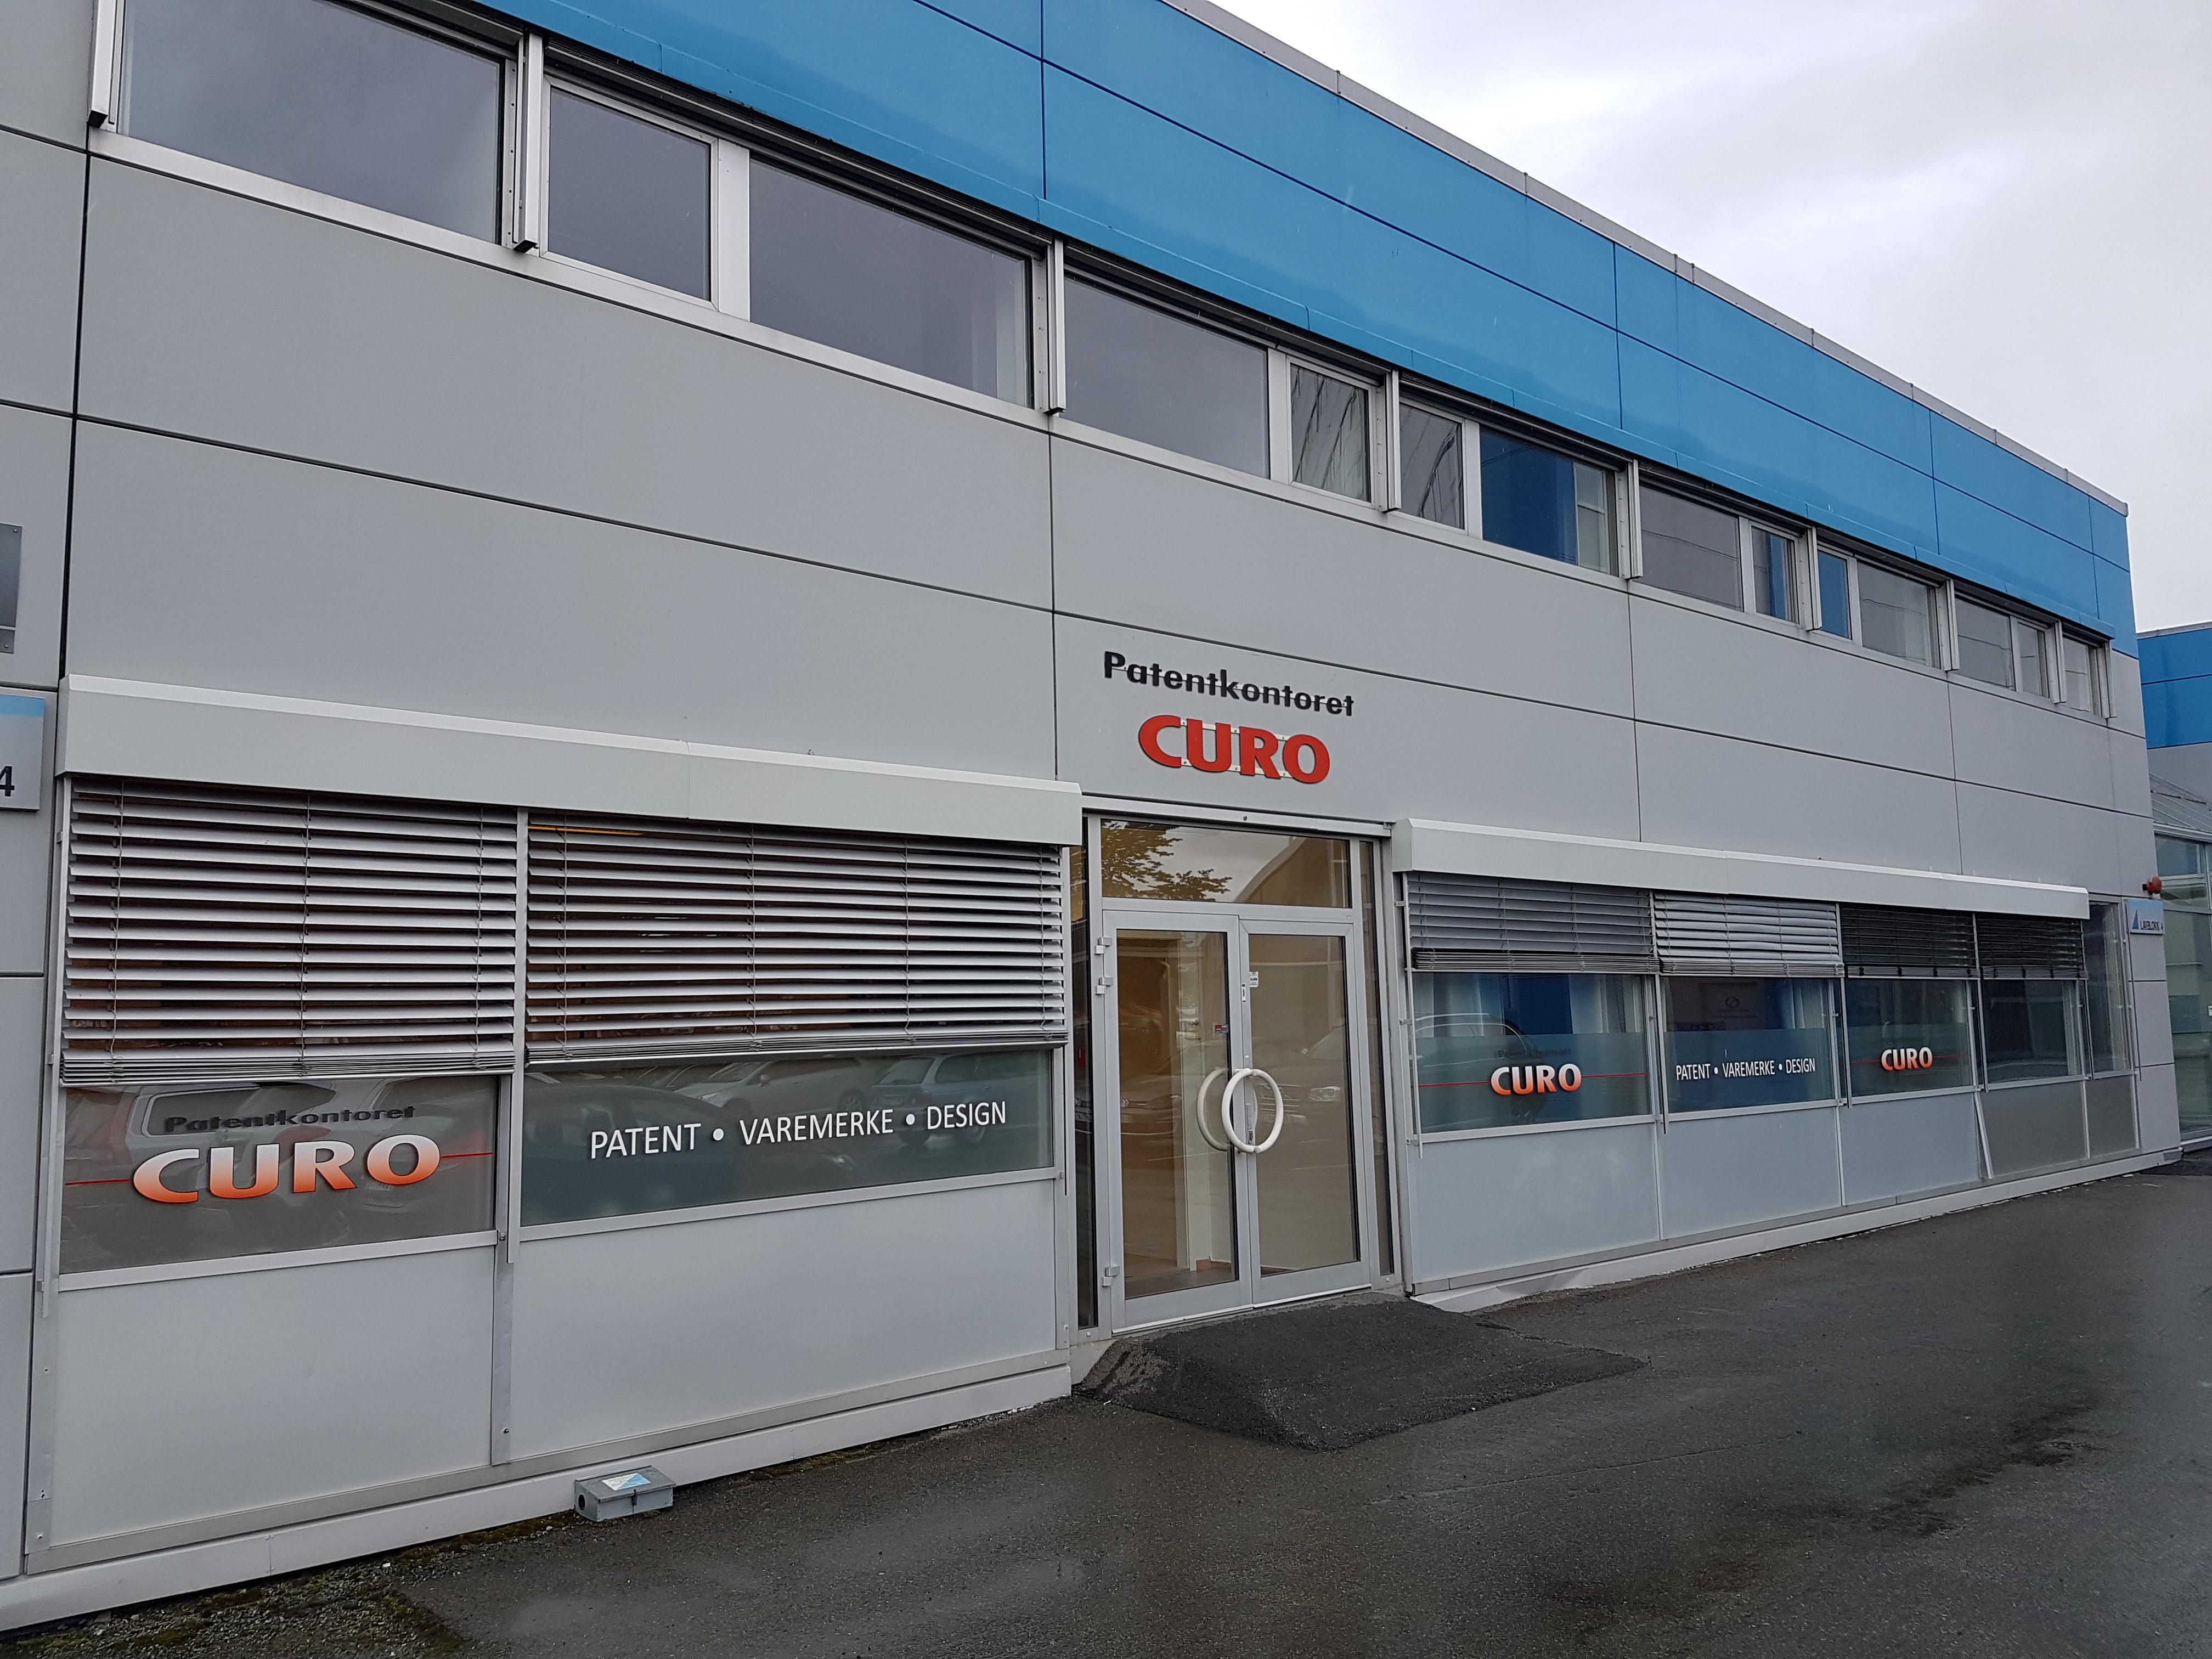 Bilde av kontorlokale ved Trekanten i Vestre Rosten 81, Tiller/Trondheim.